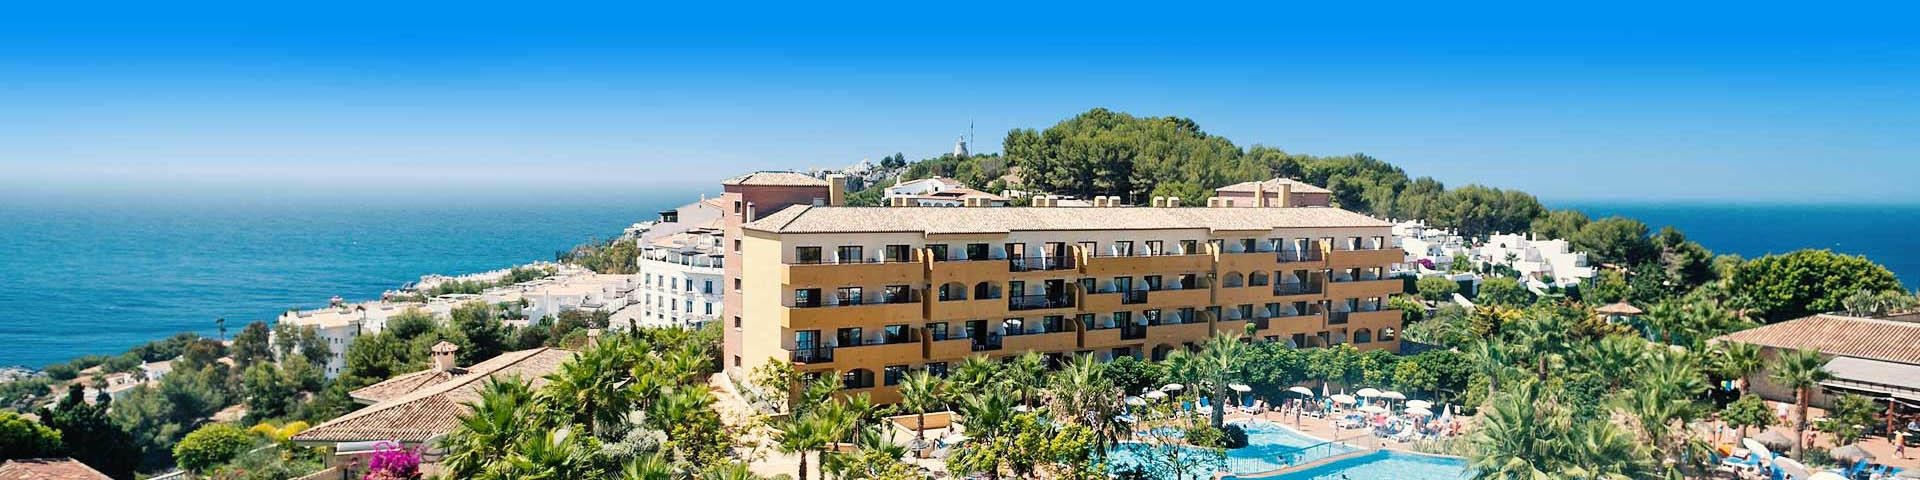 Uitzicht op een hotelgebouw van hotelketen Best